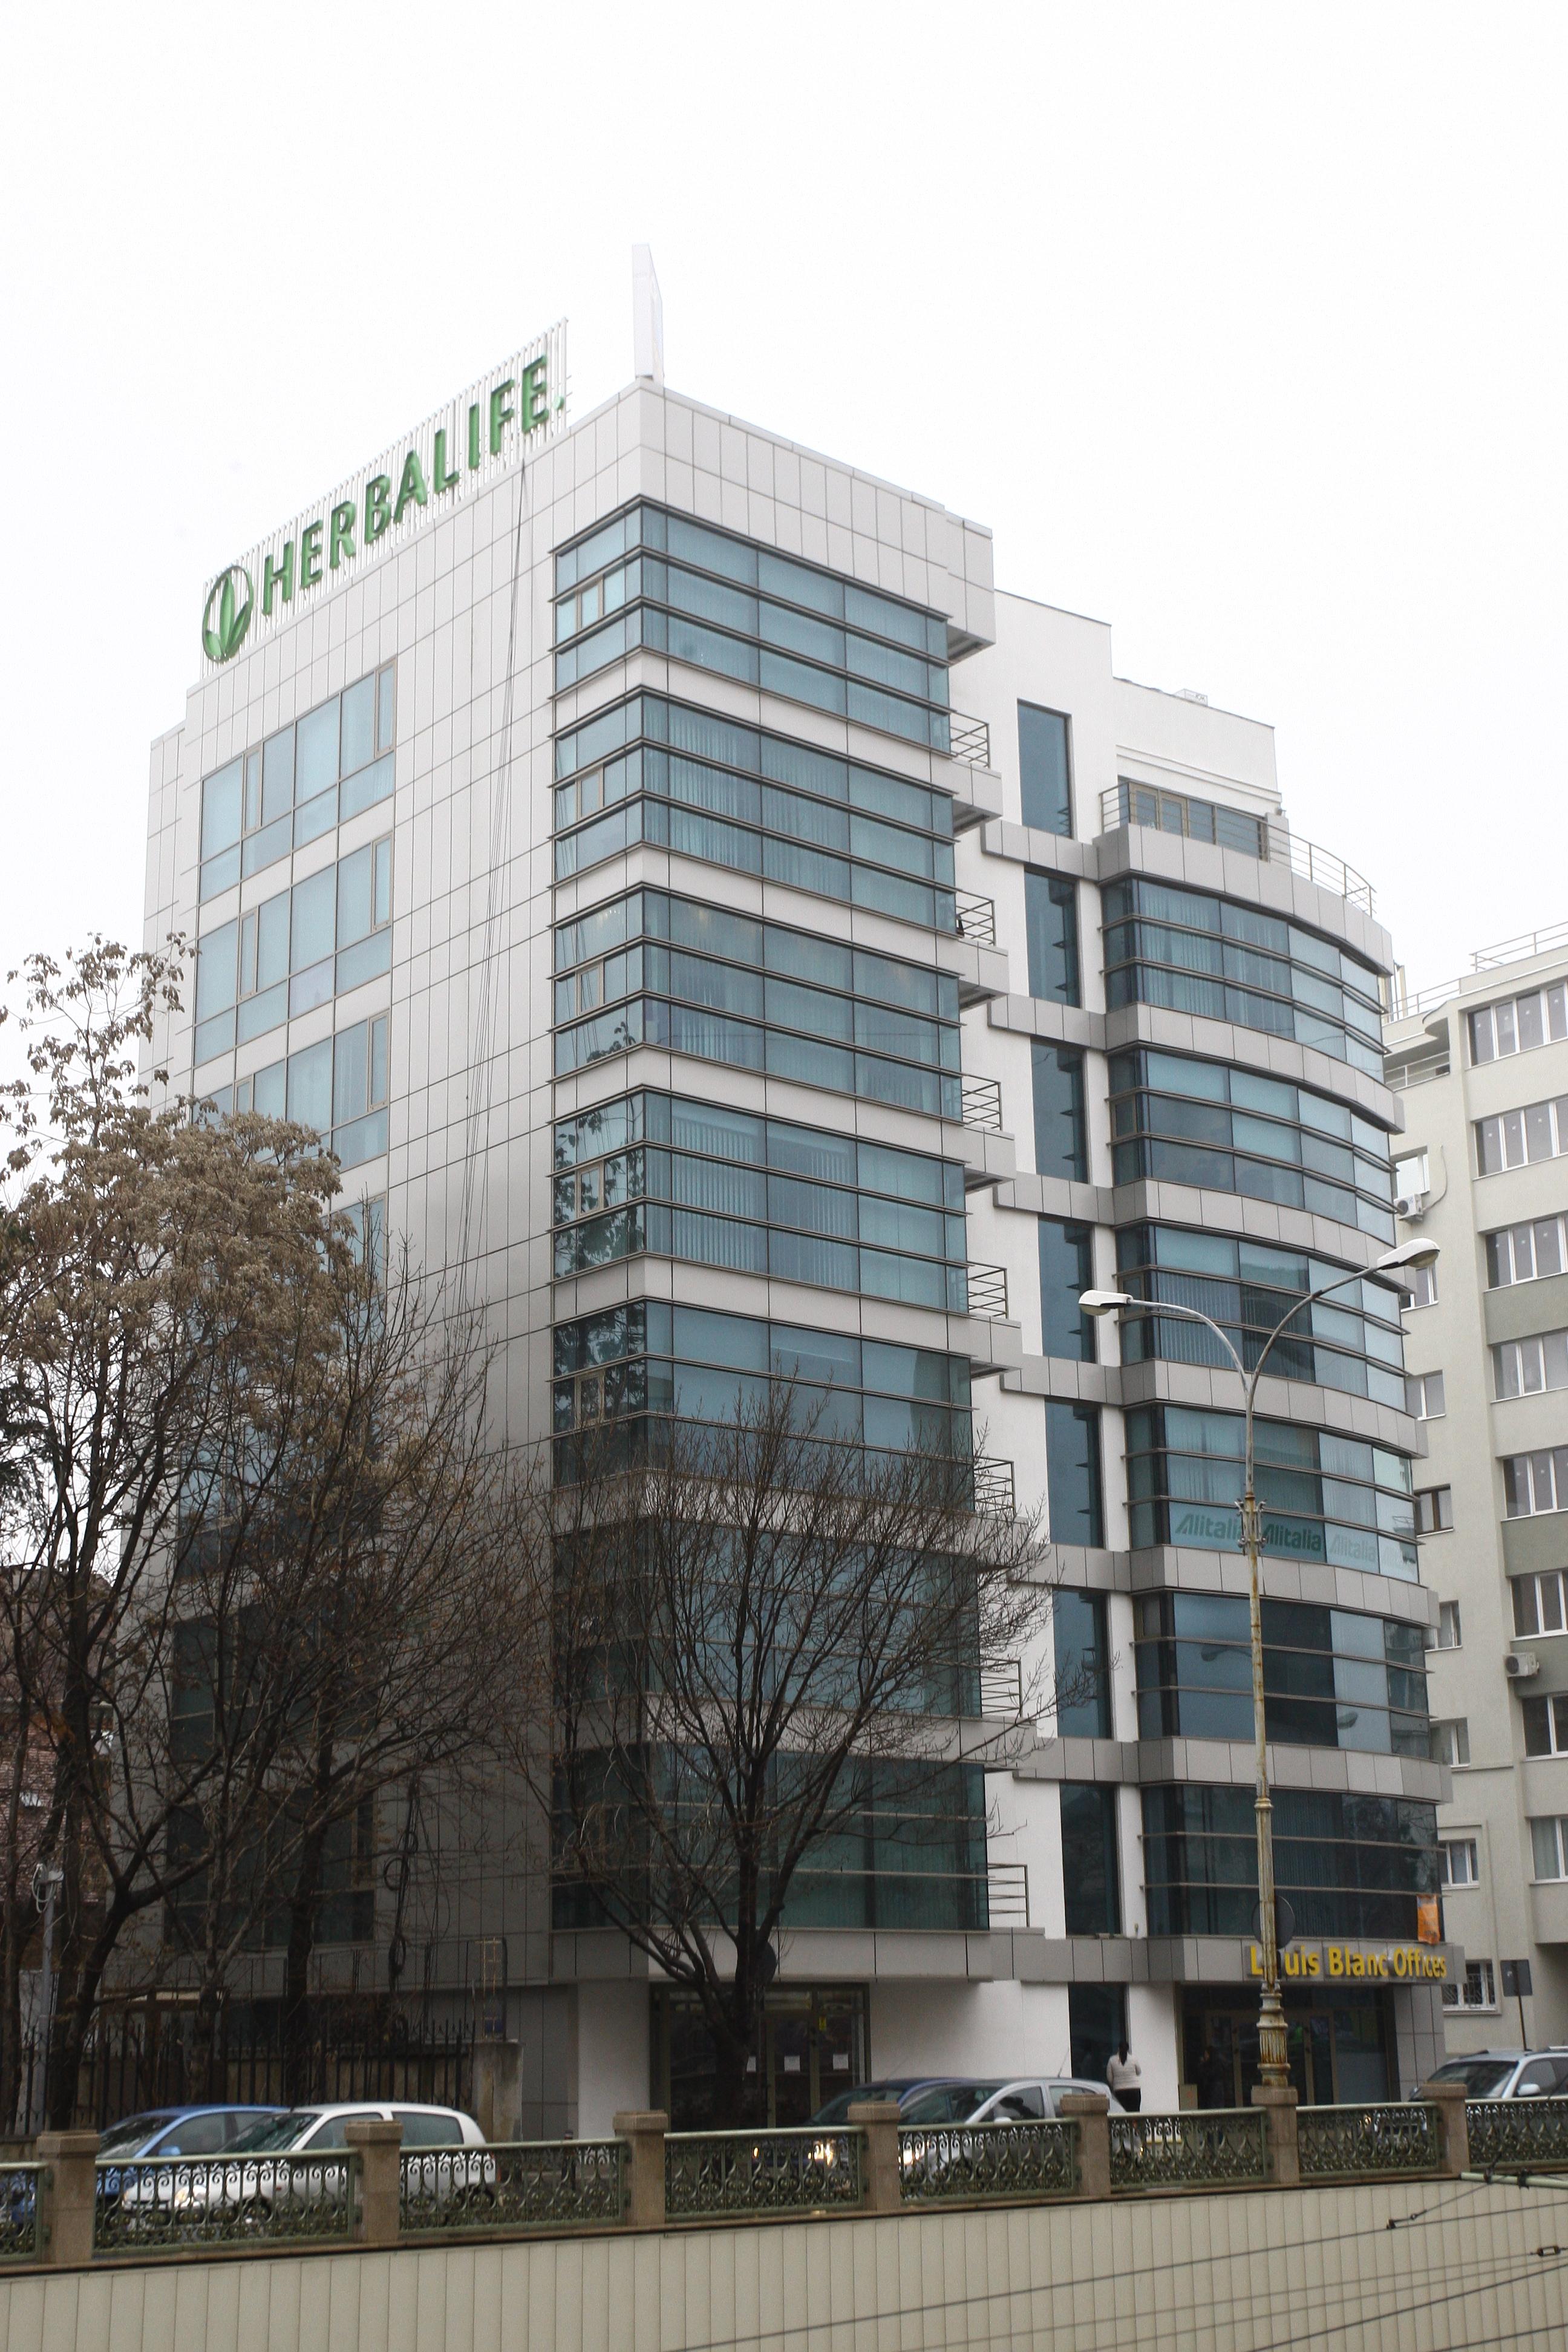 Mama fetitei politicianului, Luiza Tanase, a cumparat in 2006 o cladire de birouri cu 360.000 de euro